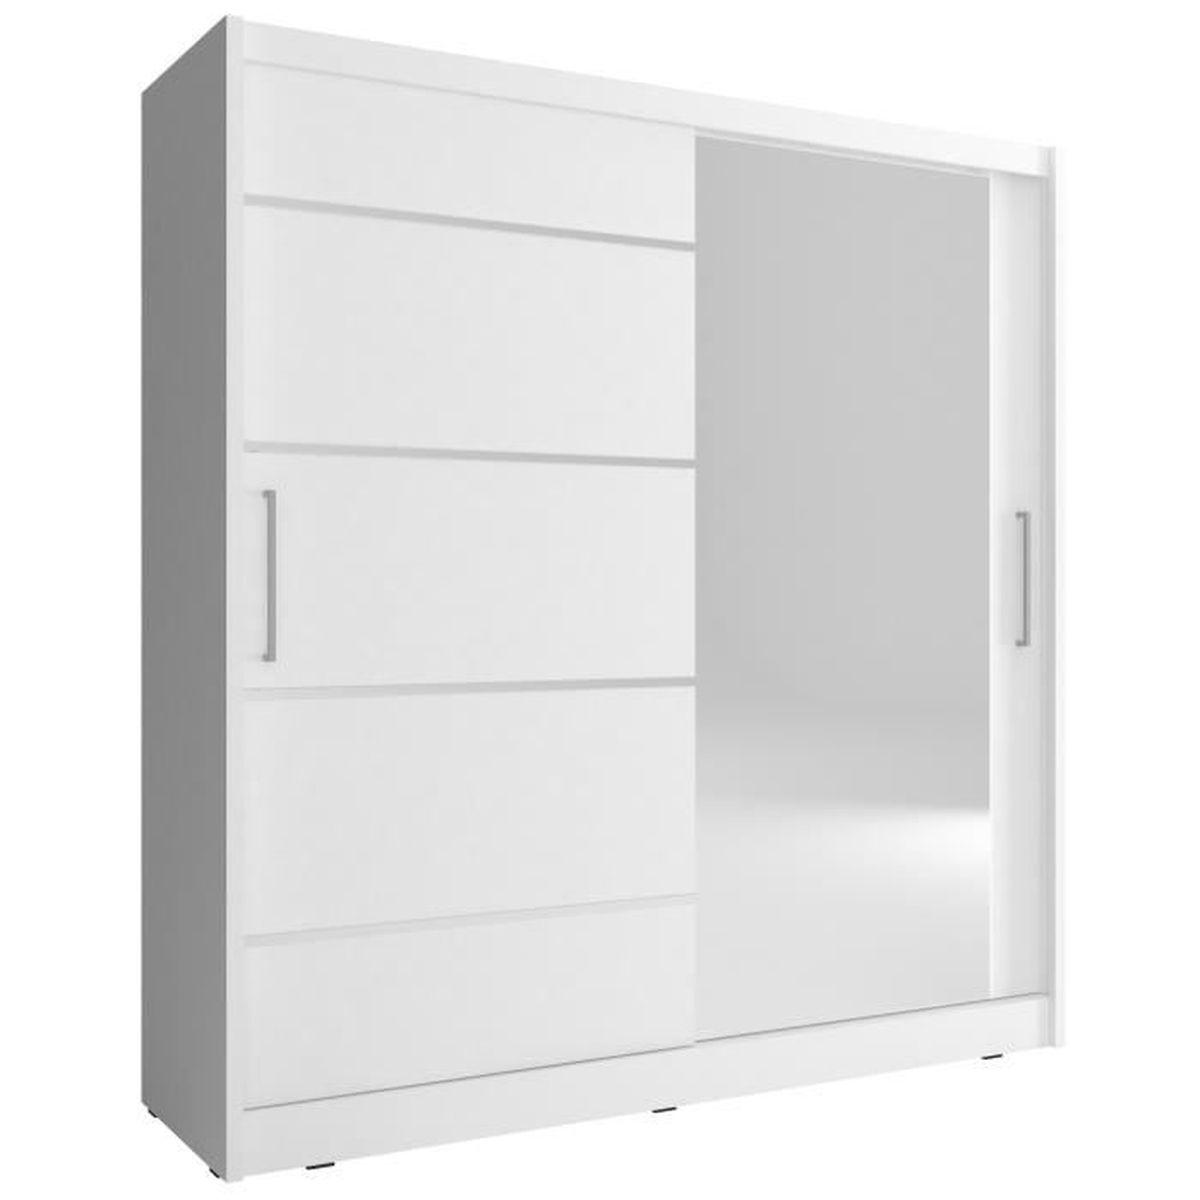 Armoire De Chambre Avec Penderie armoire de chambre avec miroir 2 portes coulissantes - style